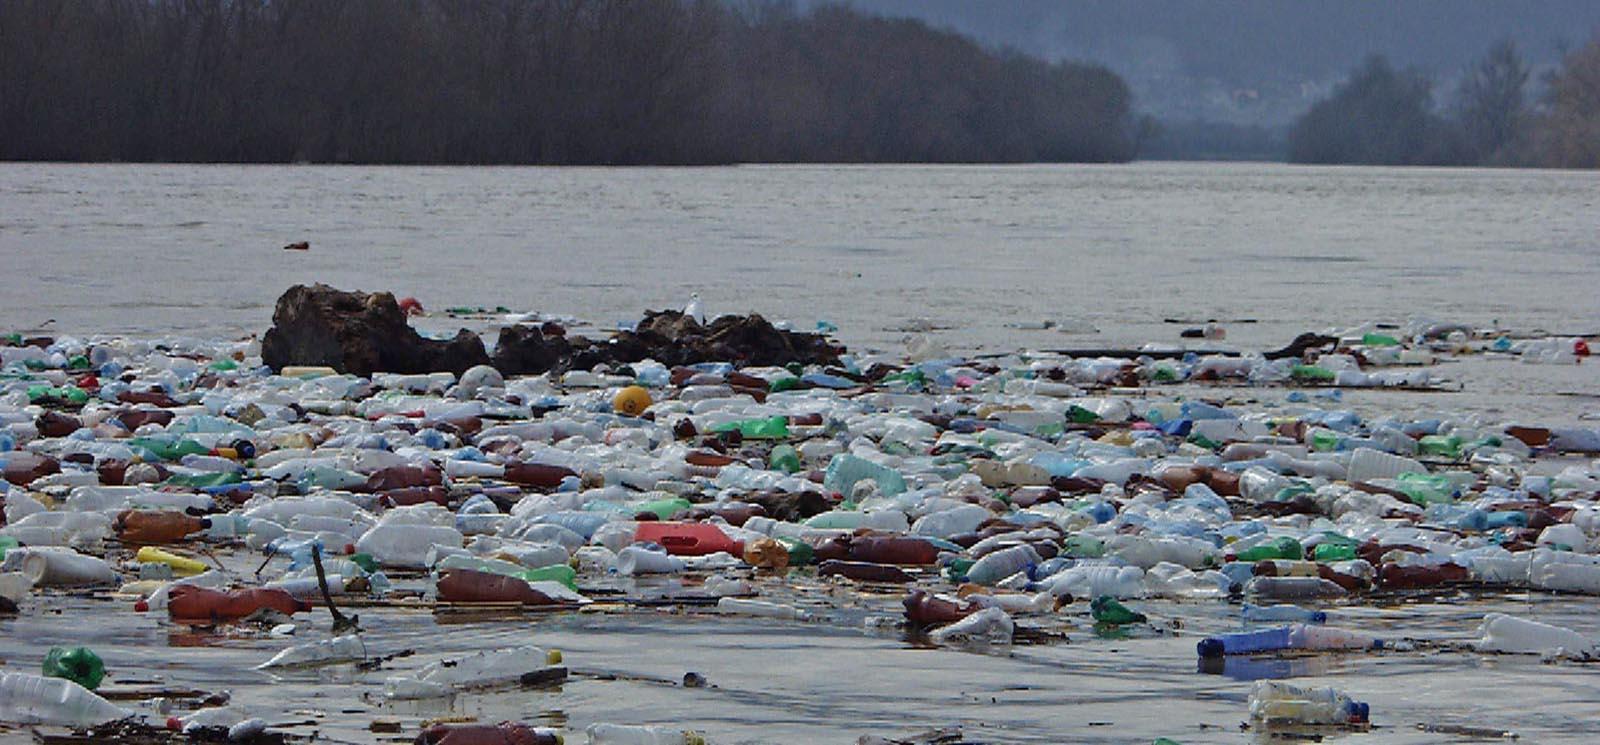 deșeuri din apă varicoasă